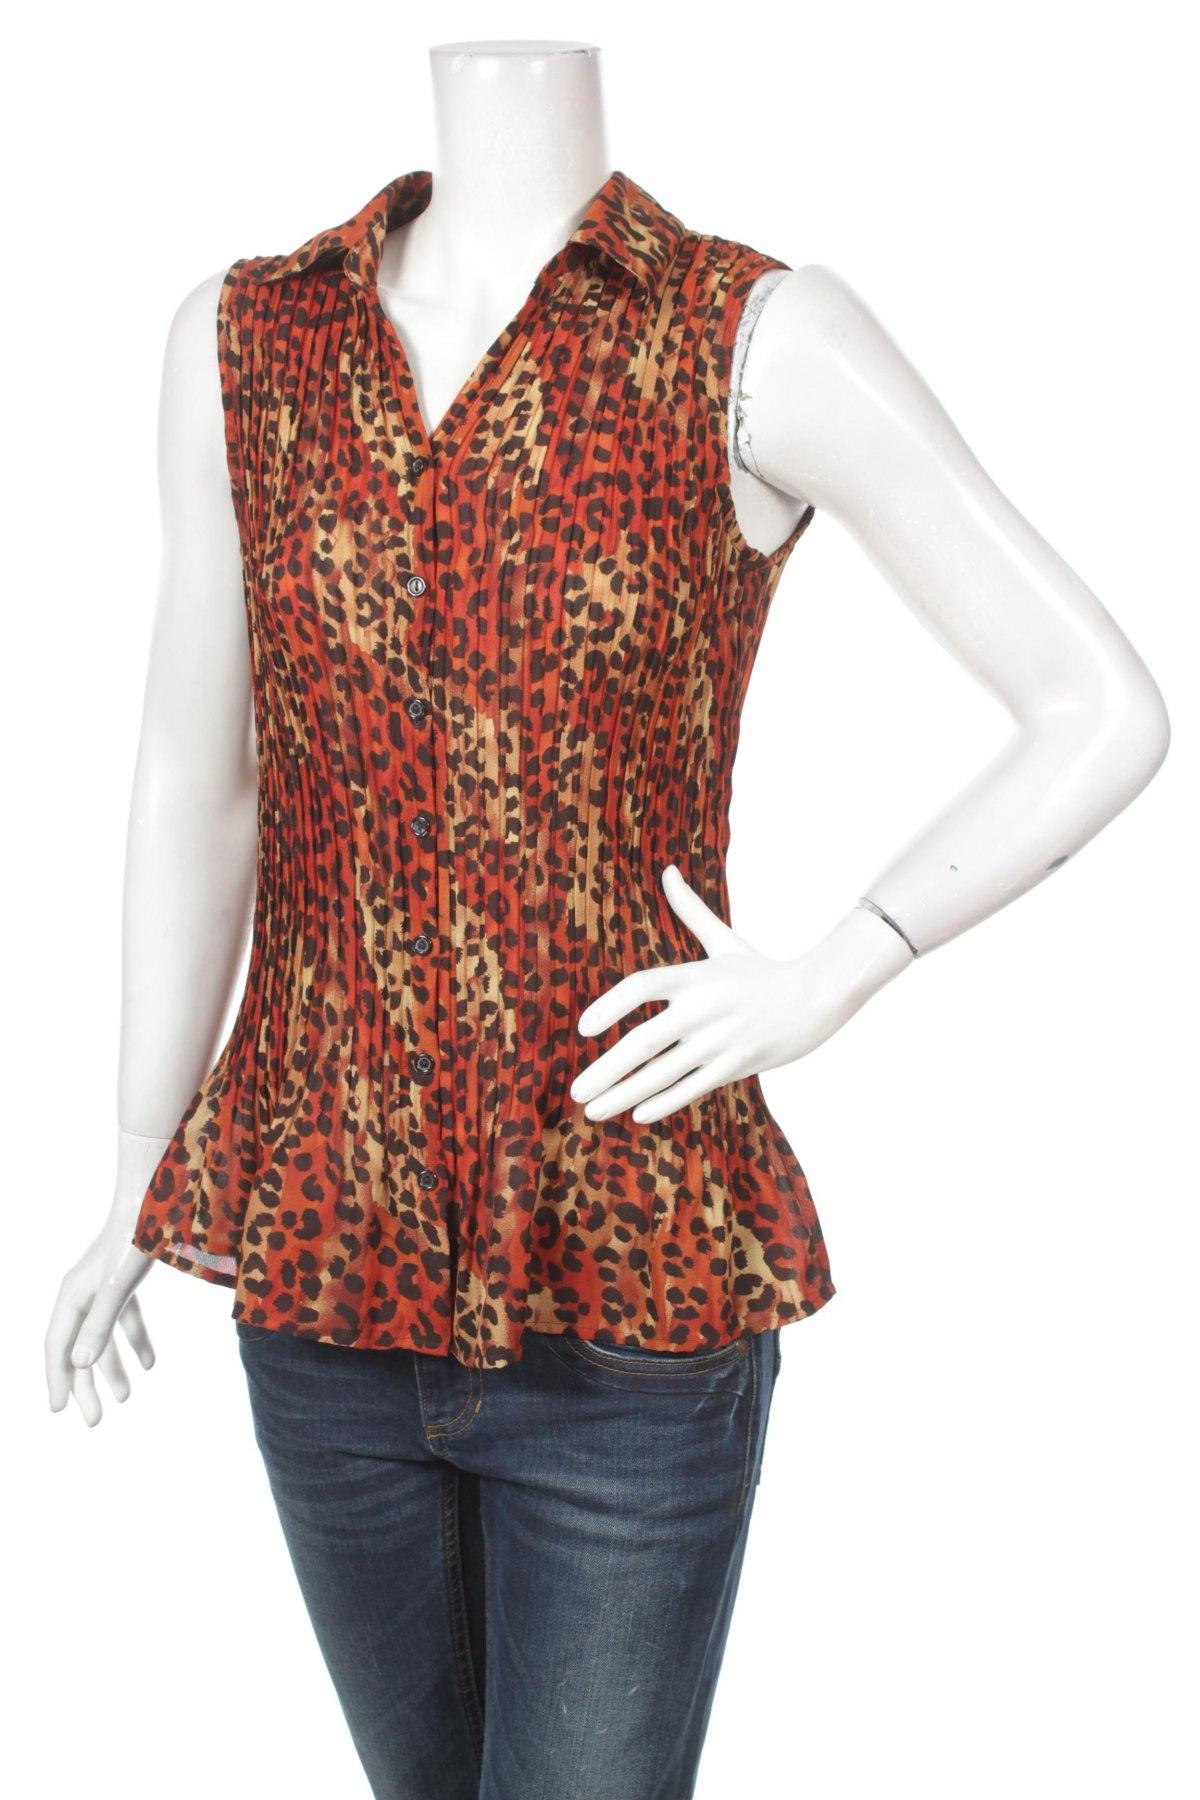 Γυναικείο πουκάμισο Studio 1940, Μέγεθος M, Χρώμα Πολύχρωμο, Πολυεστέρας, Τιμή 9,28€